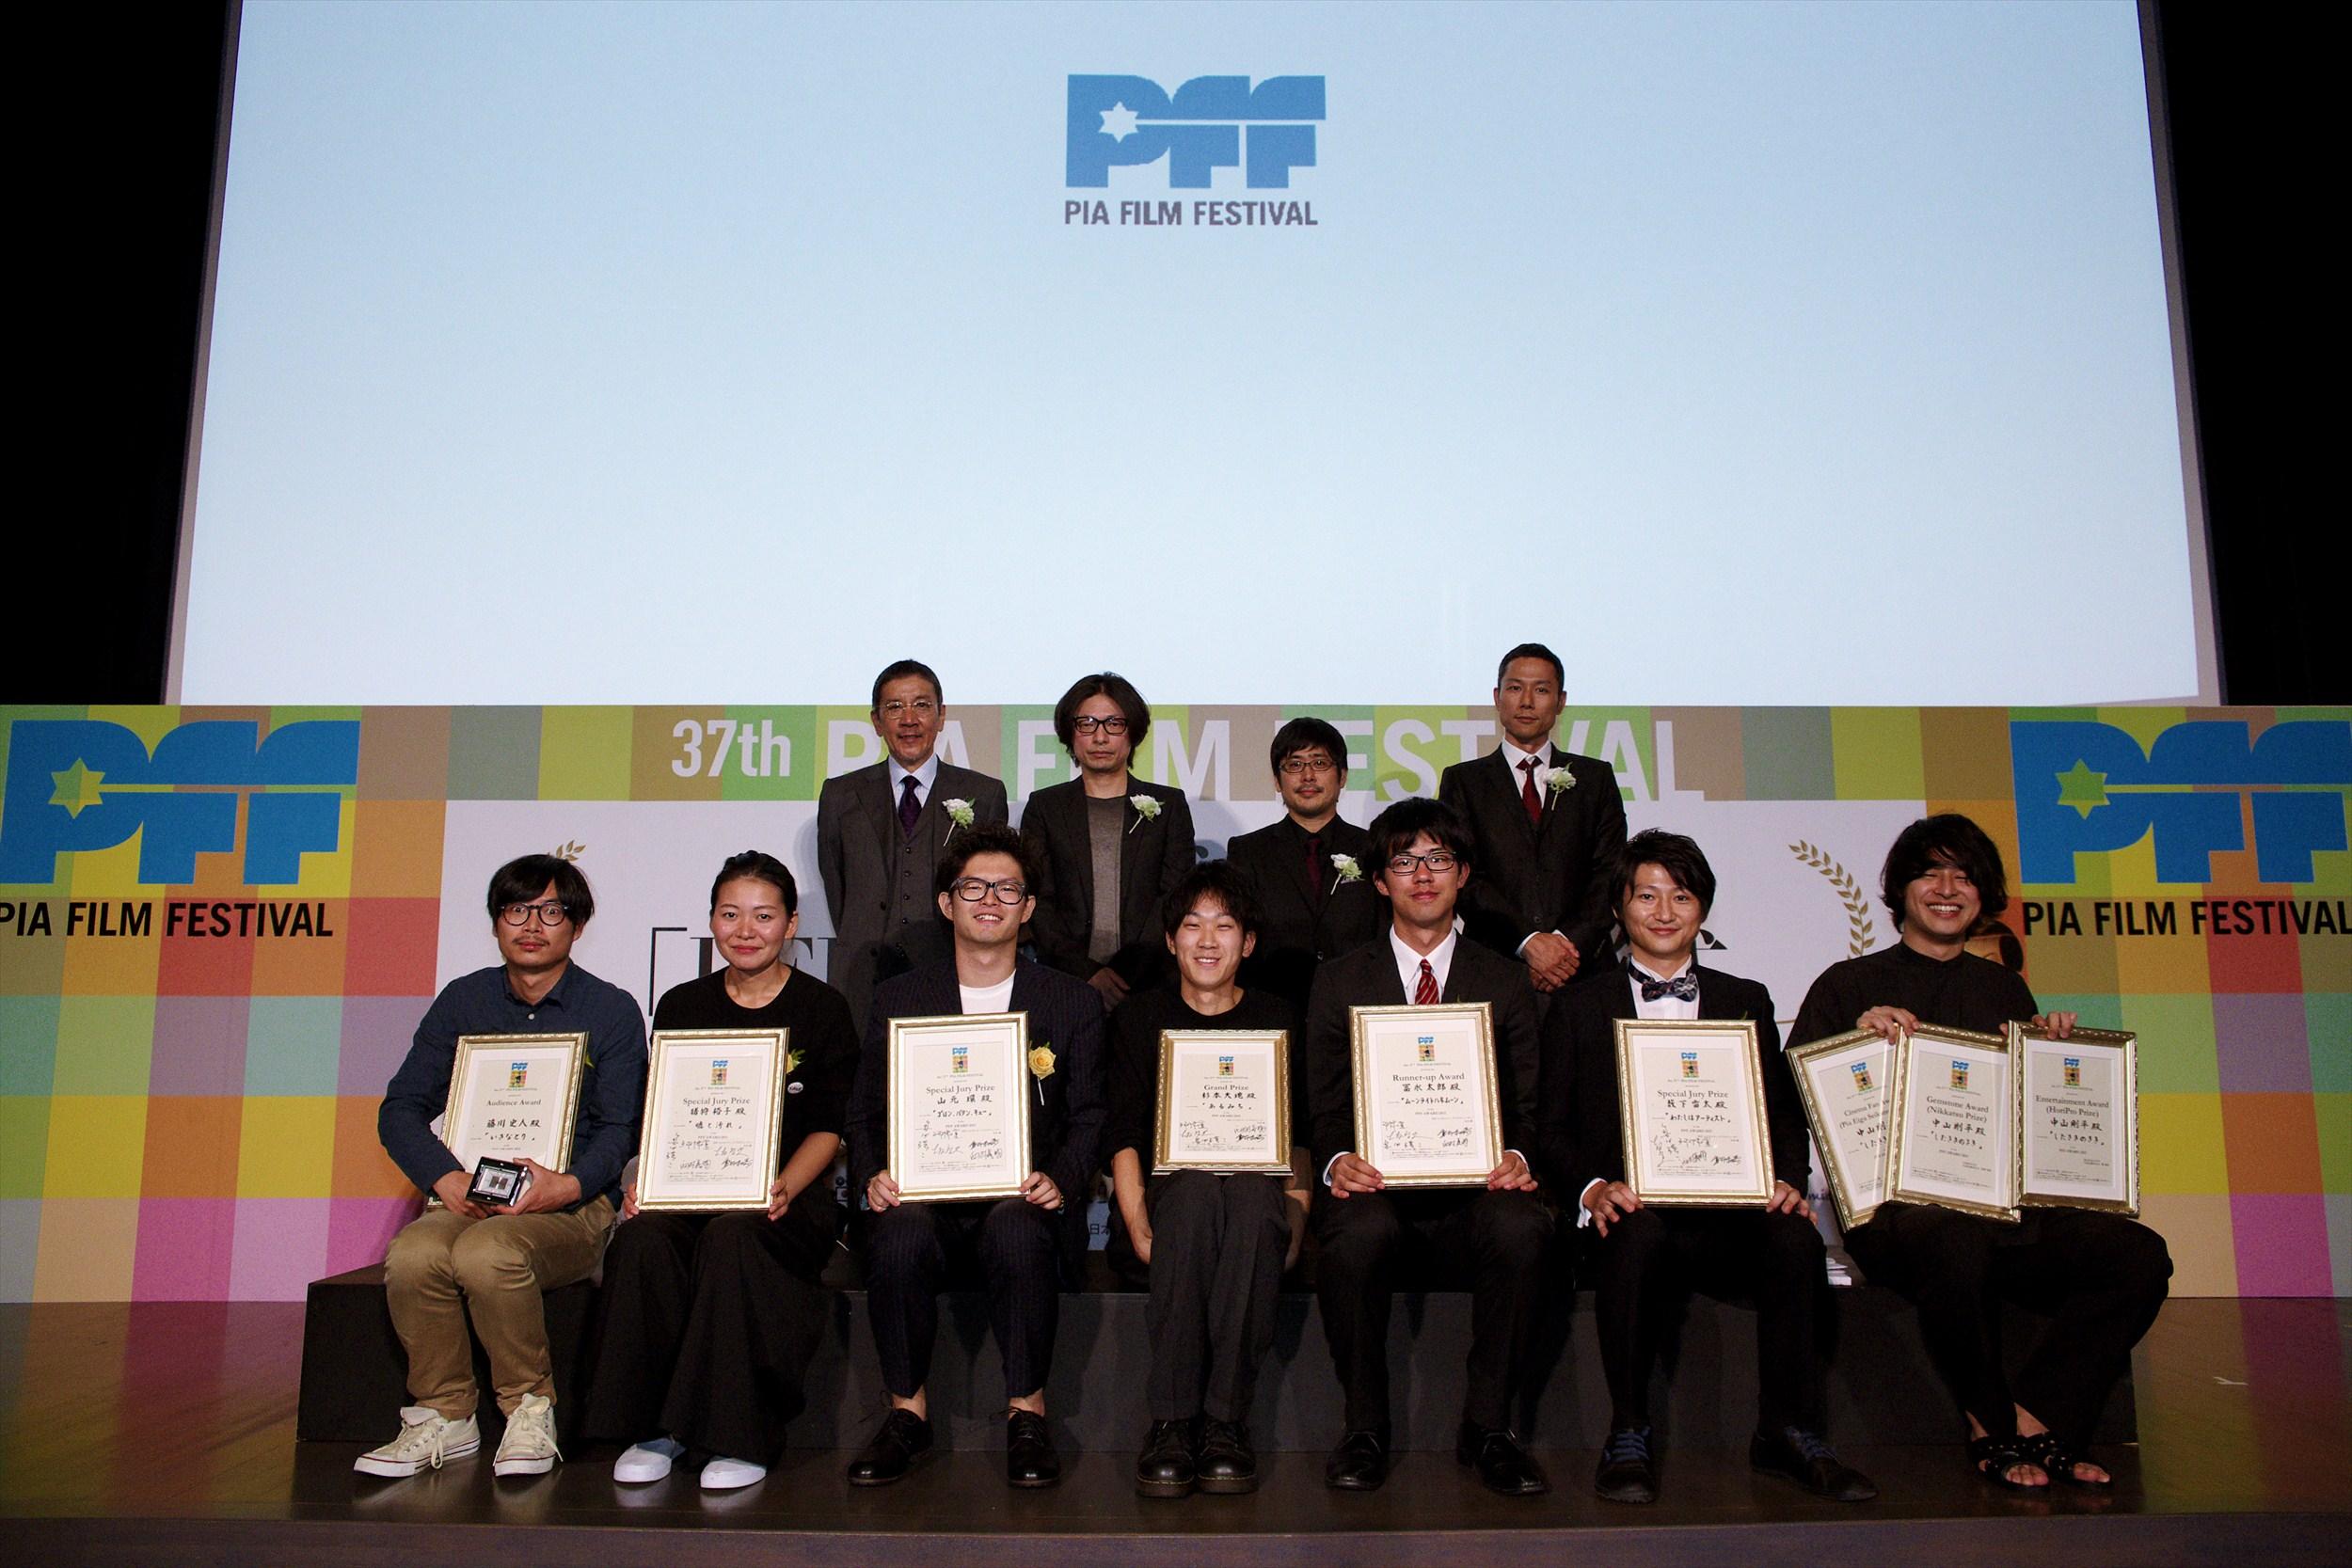 映像学科   ぴあフィルムフェスティバルで卒業生が準グランプリを受賞!